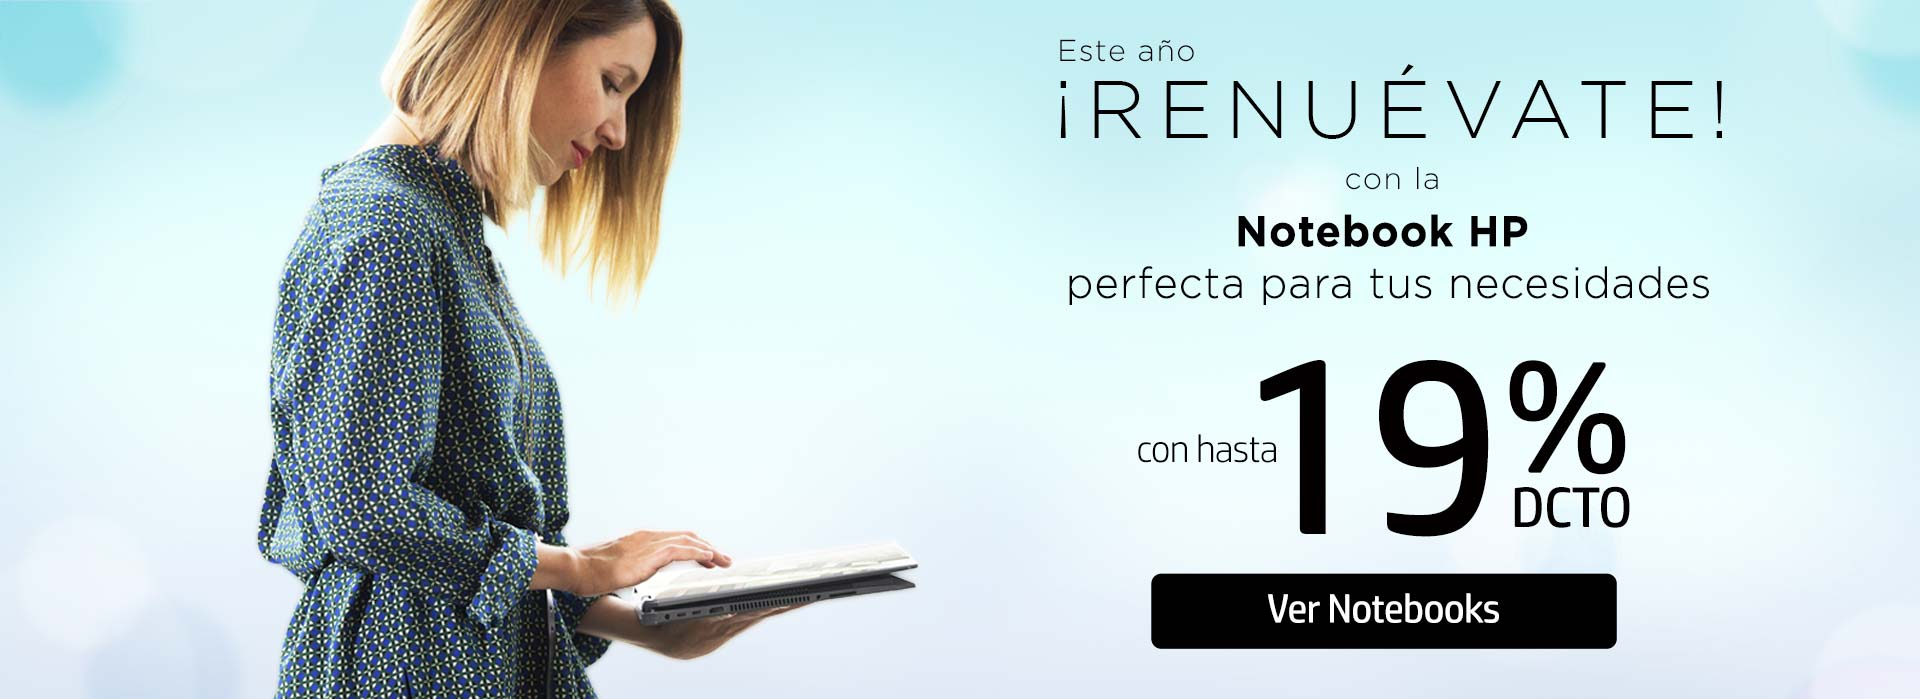 Este año renuévate con la Notebook HP perfecta para tus necesidades hasta 19% dto